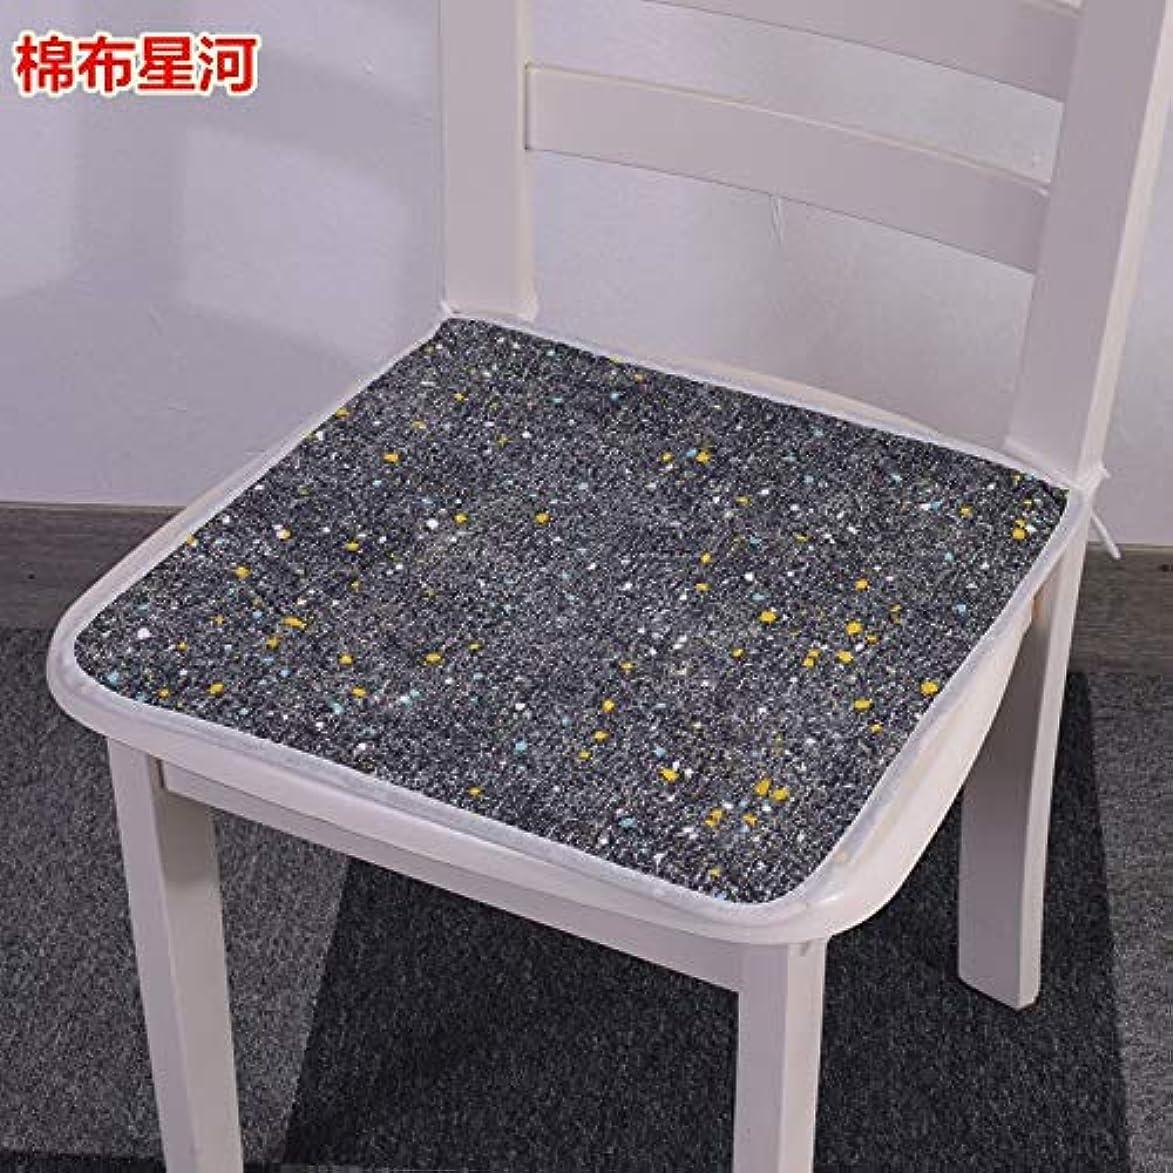 過半数接尾辞せっかちLIFE 現代スーパーソフト椅子クッション非スリップシートクッションマットソファホームデコレーションバッククッションチェアパッド 40*40/45*45/50*50 センチメートル クッション 椅子